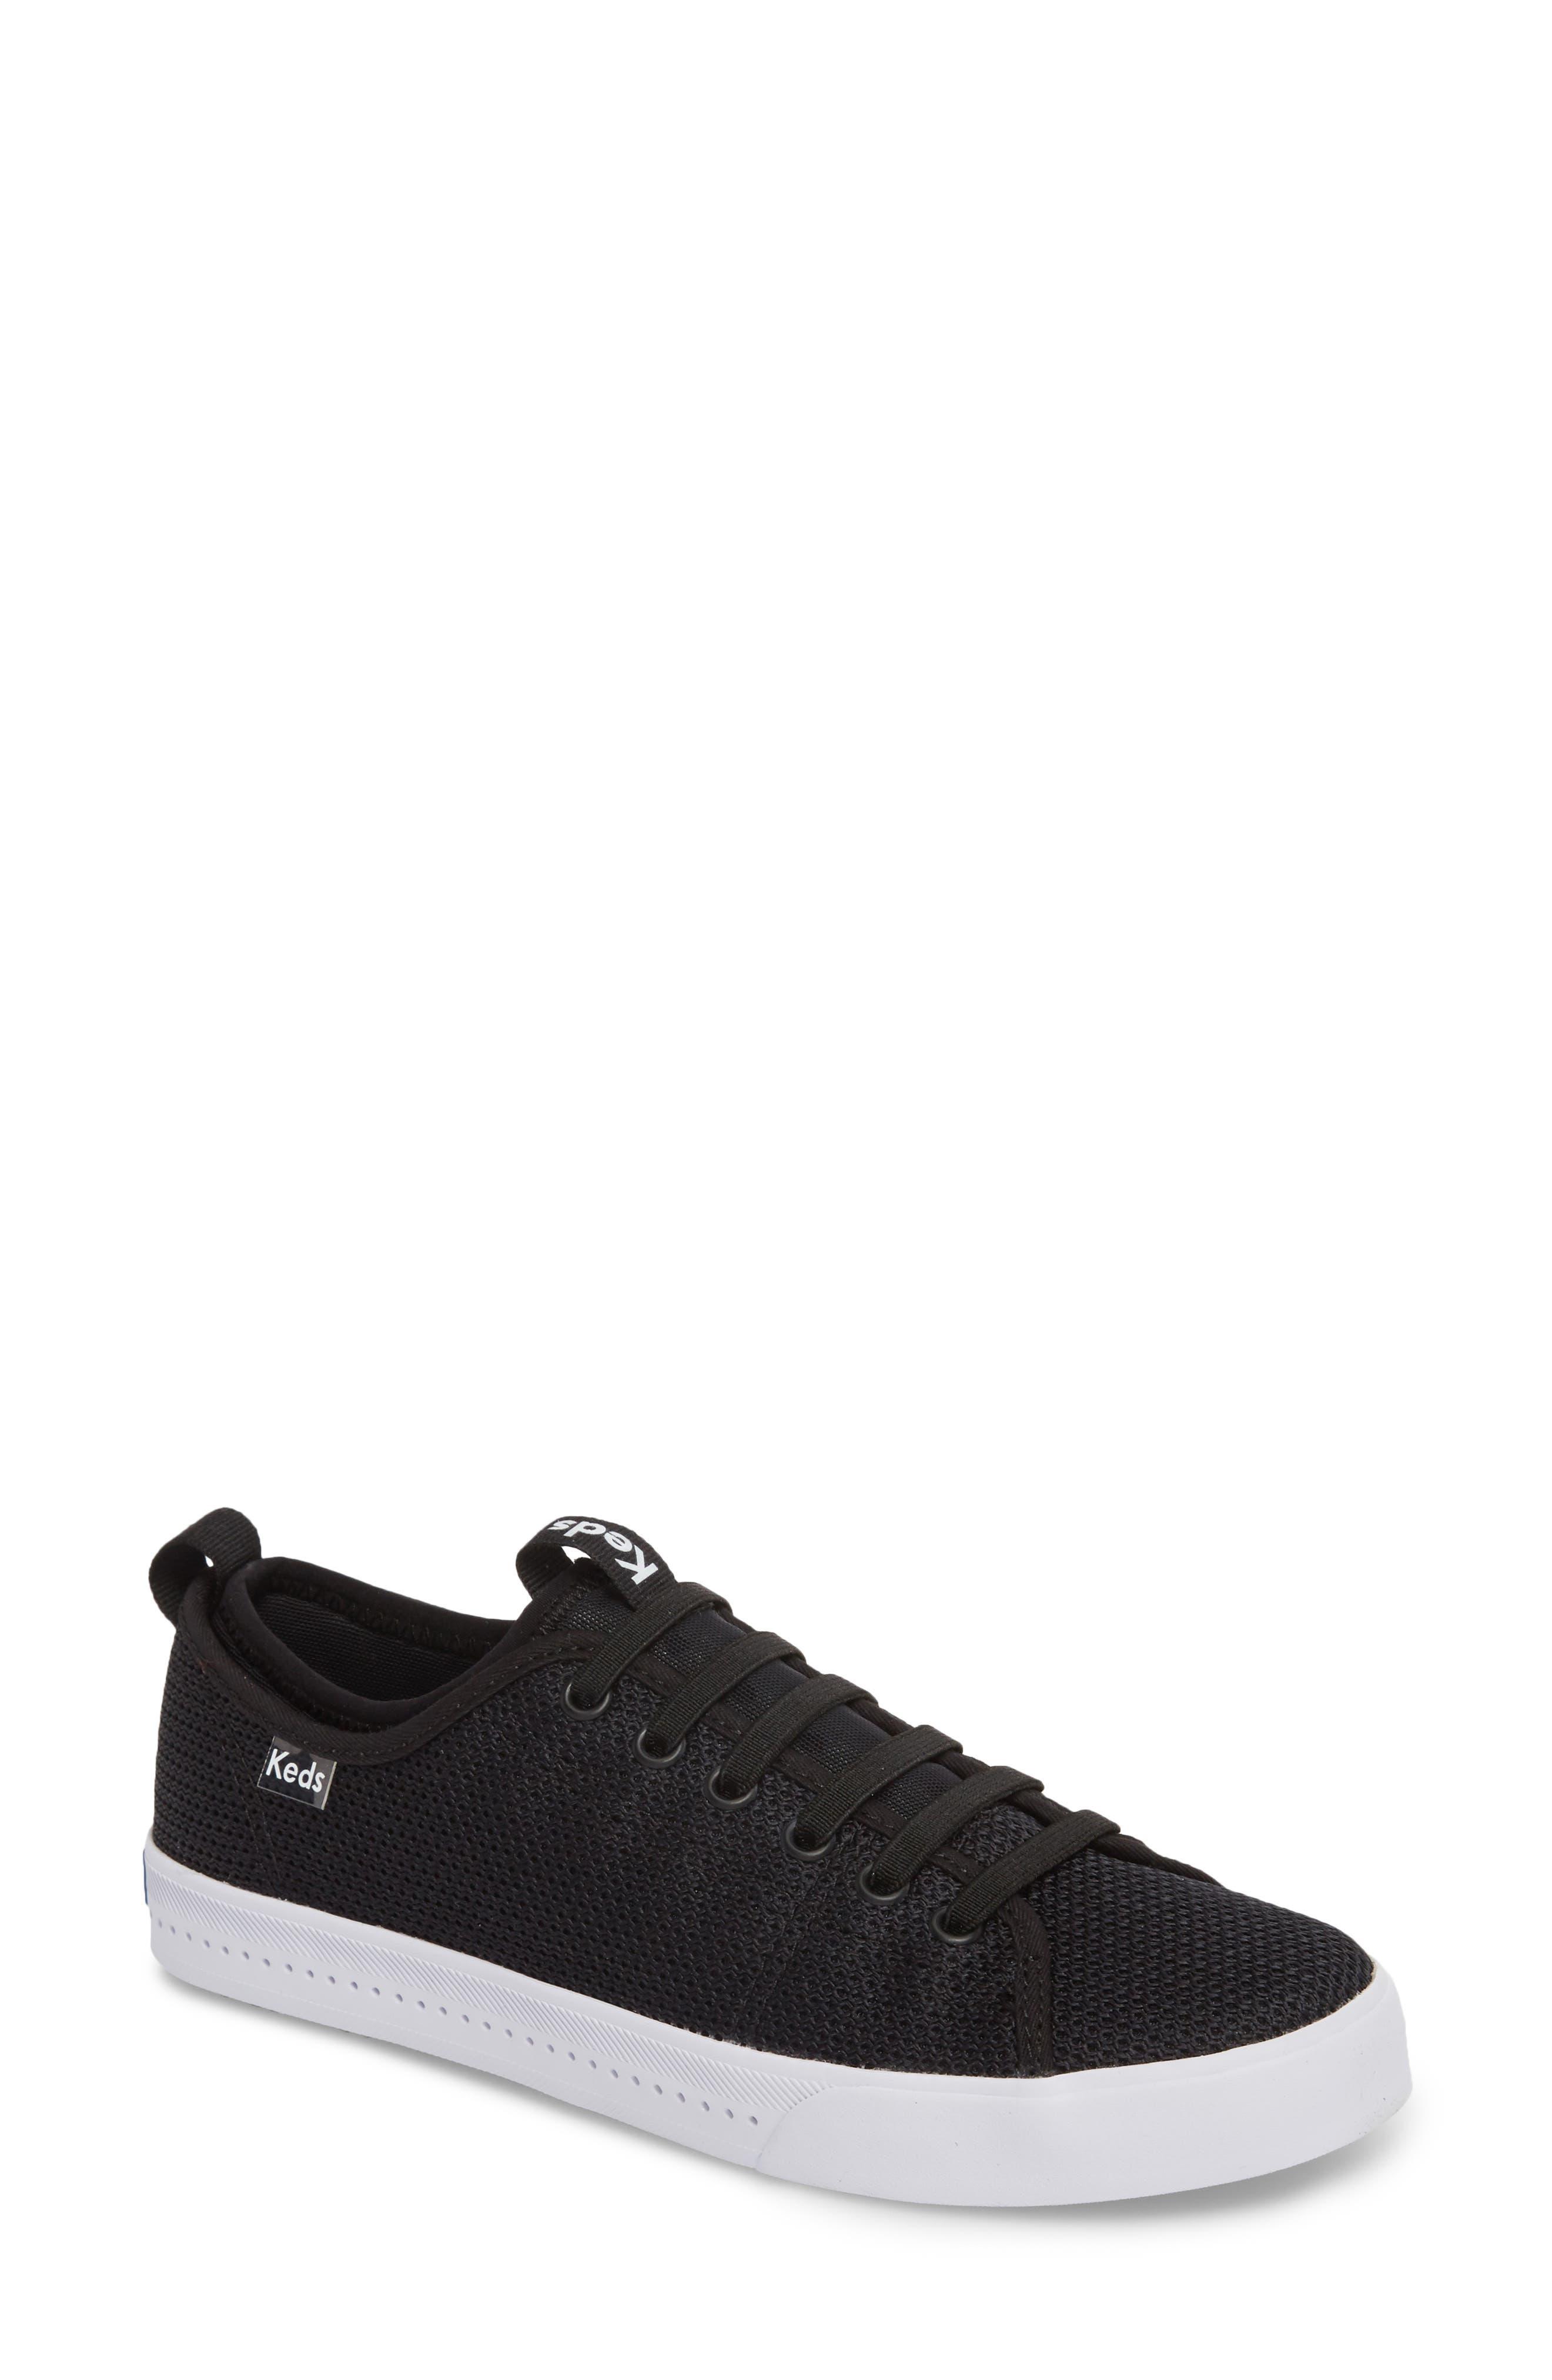 Driftkick Heathered Mesh Sneaker,                             Main thumbnail 1, color,                             Black